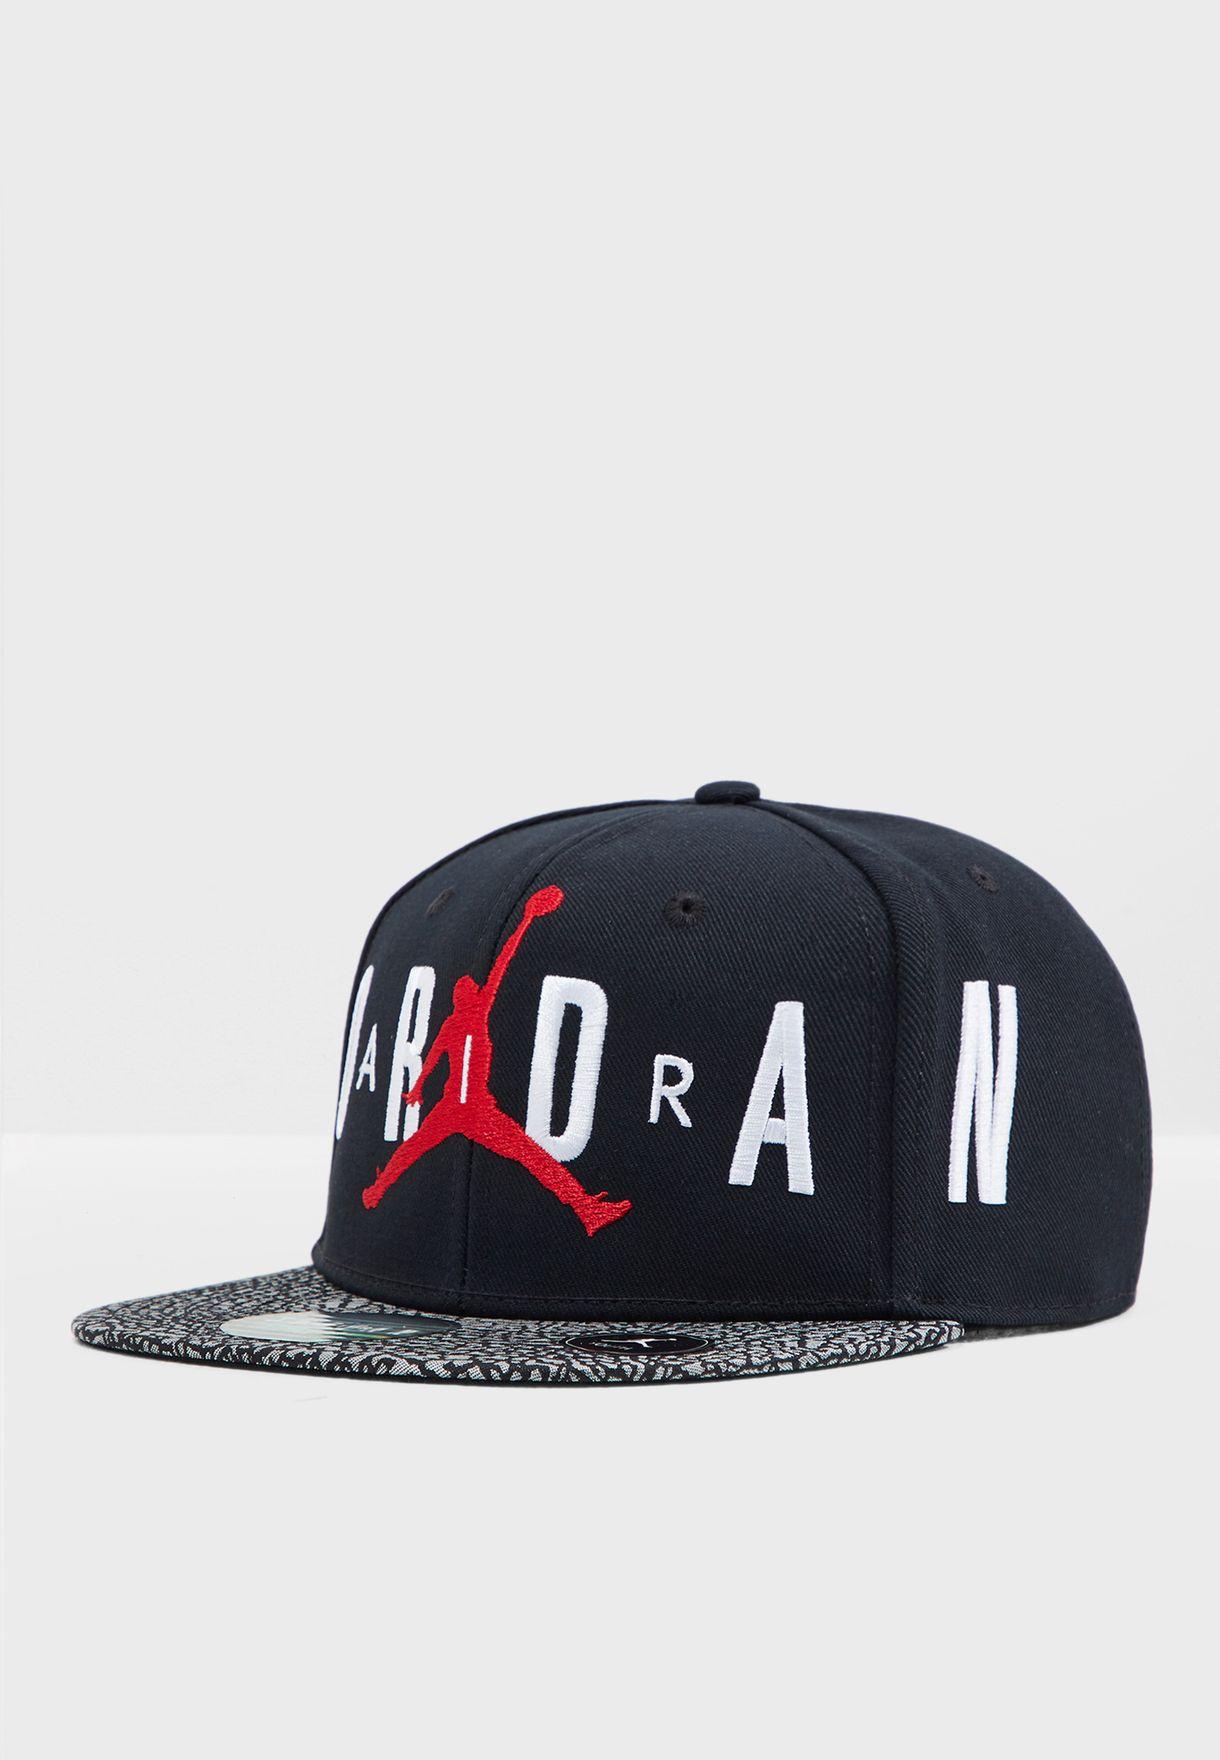 outlet store 2c71c 0a29e Air Jordan Python Cap